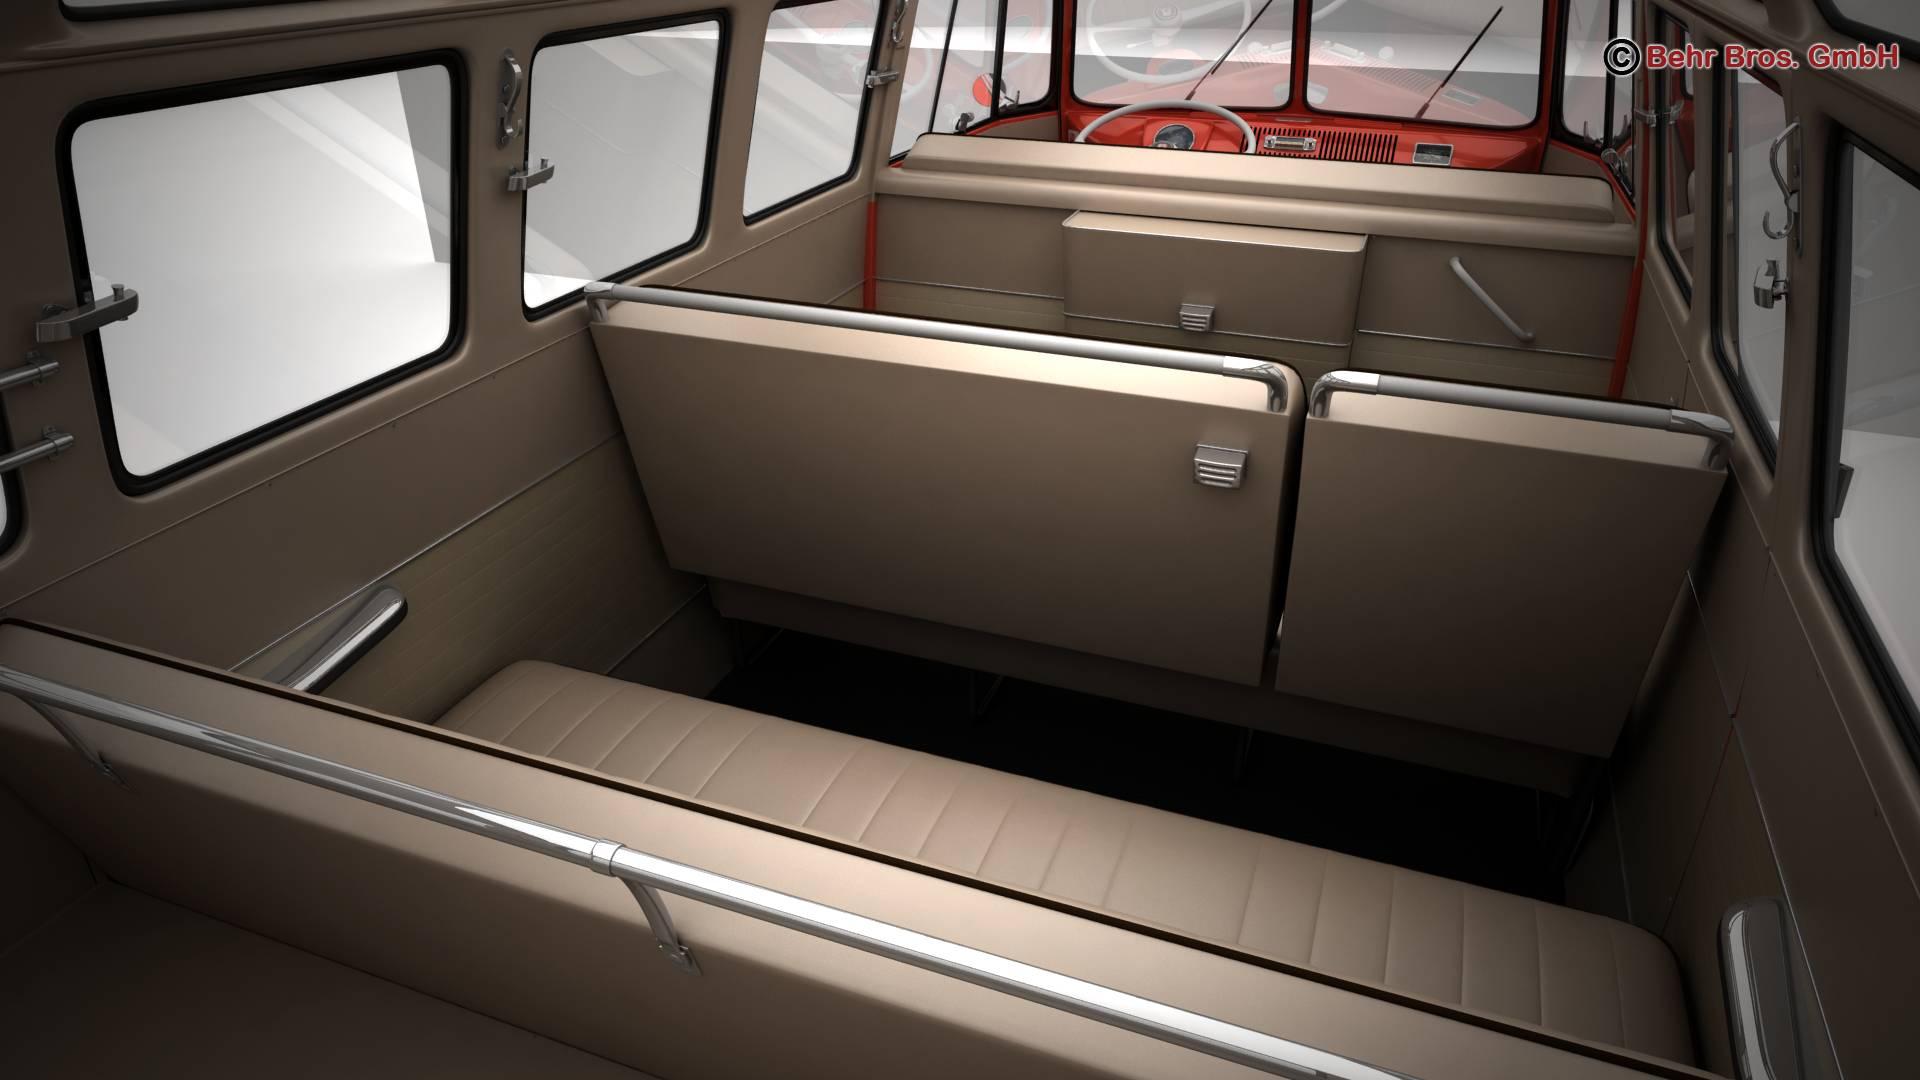 Volkswagen T1 Samba 1959 Accessories 3d model 3ds max fbx c4d lwo ma mb obj 266999